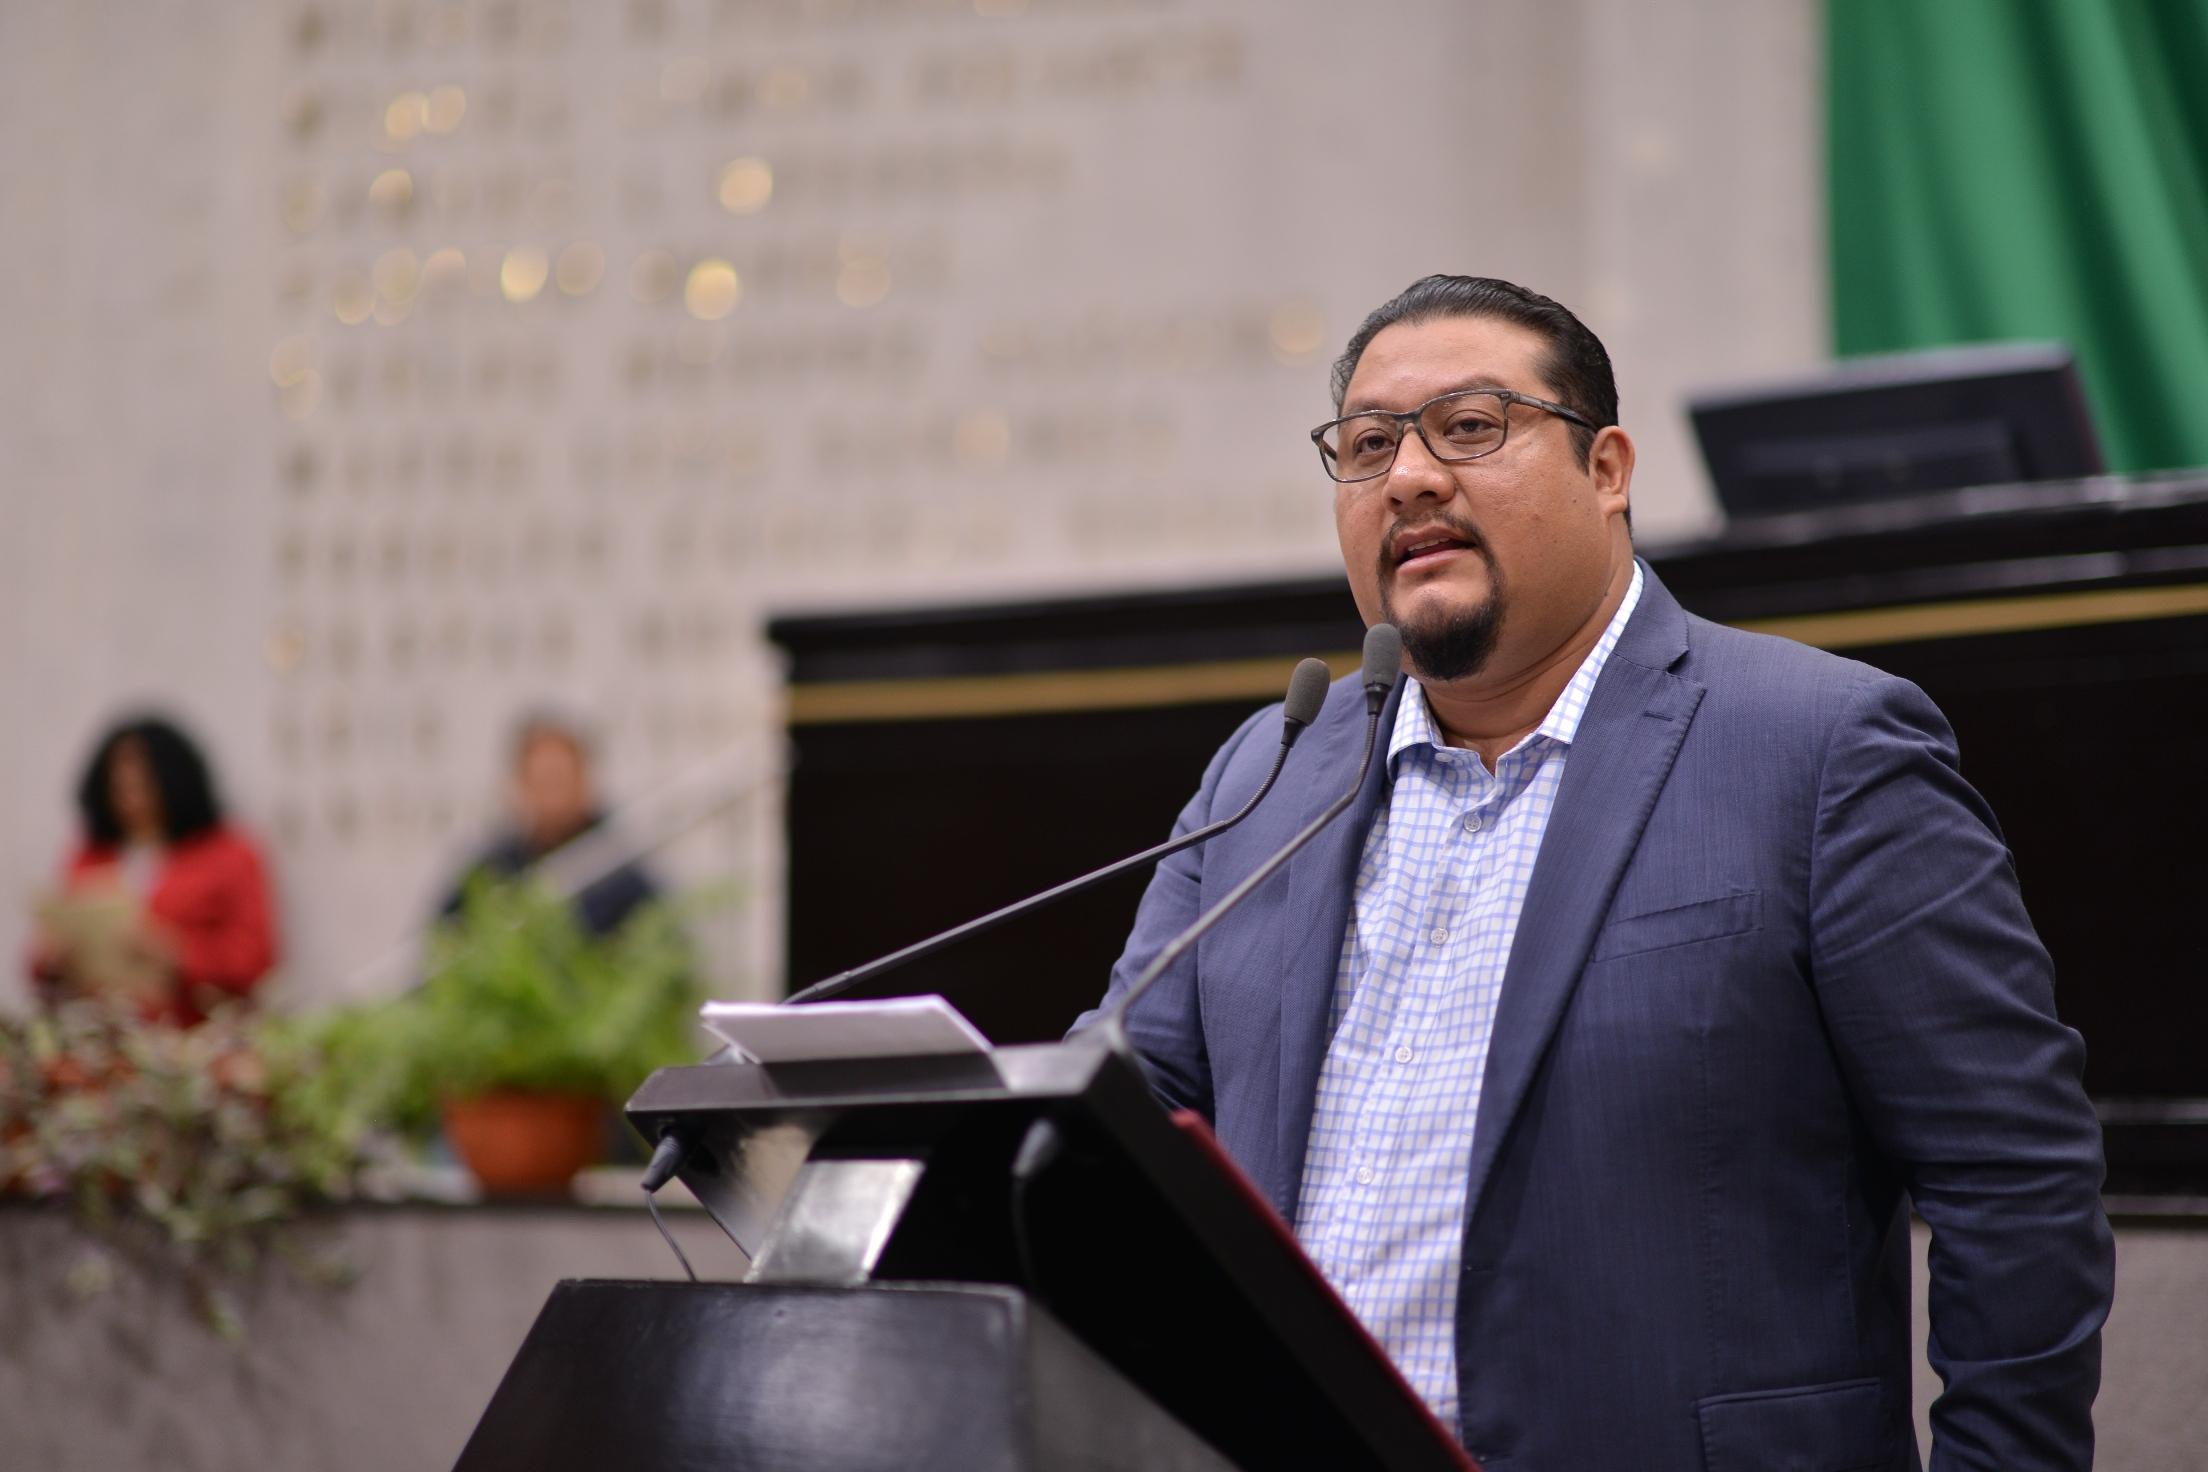 Ley de Seguridad Interior, perjudica a  la sociedad: diputado Sergio Rodríguez